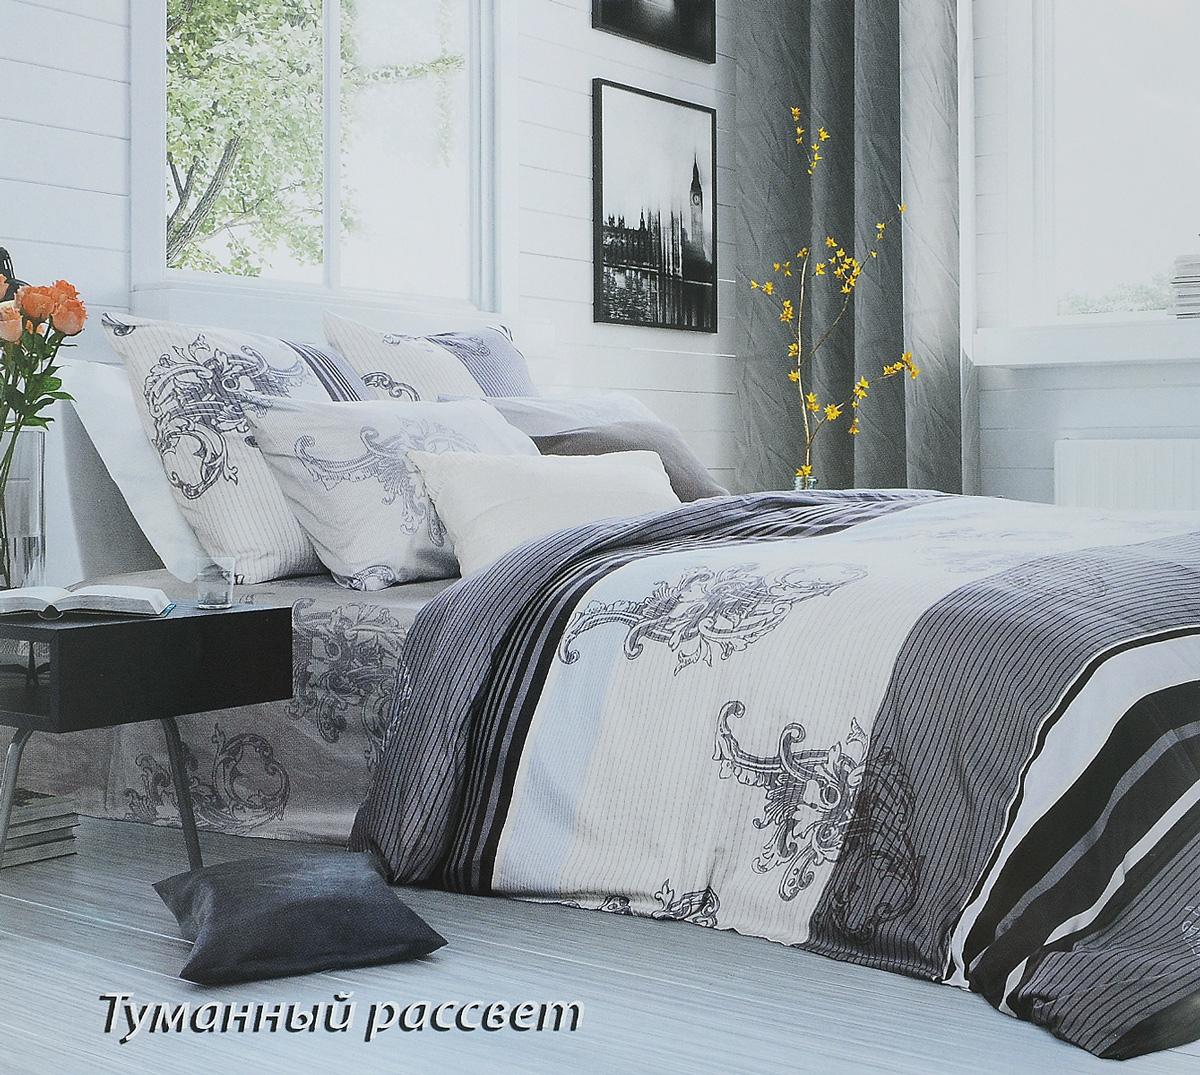 Комплект белья Tiffanys Secret Туманный рассвет, 1,5-спальный, наволочки 70х70, цвет: серый, белый2040115962Комплект постельного белья Tiffanys Secret Туманный рассвет является экологически безопасным для всей семьи, так как выполнен из сатина (100% хлопок). Комплект состоит из пододеяльника, простыни и двух наволочек. Предметы комплекта оформлены оригинальным рисунком.Благодаря такому комплекту постельного белья вы сможете создать атмосферу уюта и комфорта в вашей спальне.Сатин - это ткань, навсегда покорившая сердца человечества. Ценившие роскошь персы называли ее атлас, а искушенные в прекрасном французы - сатин. Секрет высококачественного сатина в безупречности всего технологического процесса. Эту благородную ткань делают только из отборной натуральной пряжи, которую получают из самого лучшего тонковолокнистого хлопка. Благодаря использованию самой тонкой хлопковой нити получается необычайно мягкое и нежное полотно. Сатиновое постельное белье превращает жаркие летние ночи в прохладные и освежающие, а холодные зимние - в теплые и согревающие. Сатин очень приятен на ощупь, постельное белье из него долговечно, выдерживает более 300 стирок, и лишь спустя долгое время материал начинает немного тускнеть. Оцените все достоинства постельного белья из сатина, выбирая самое лучшее для себя!Советы по выбору постельного белья от блогера Ирины Соковых. Статья OZON Гид